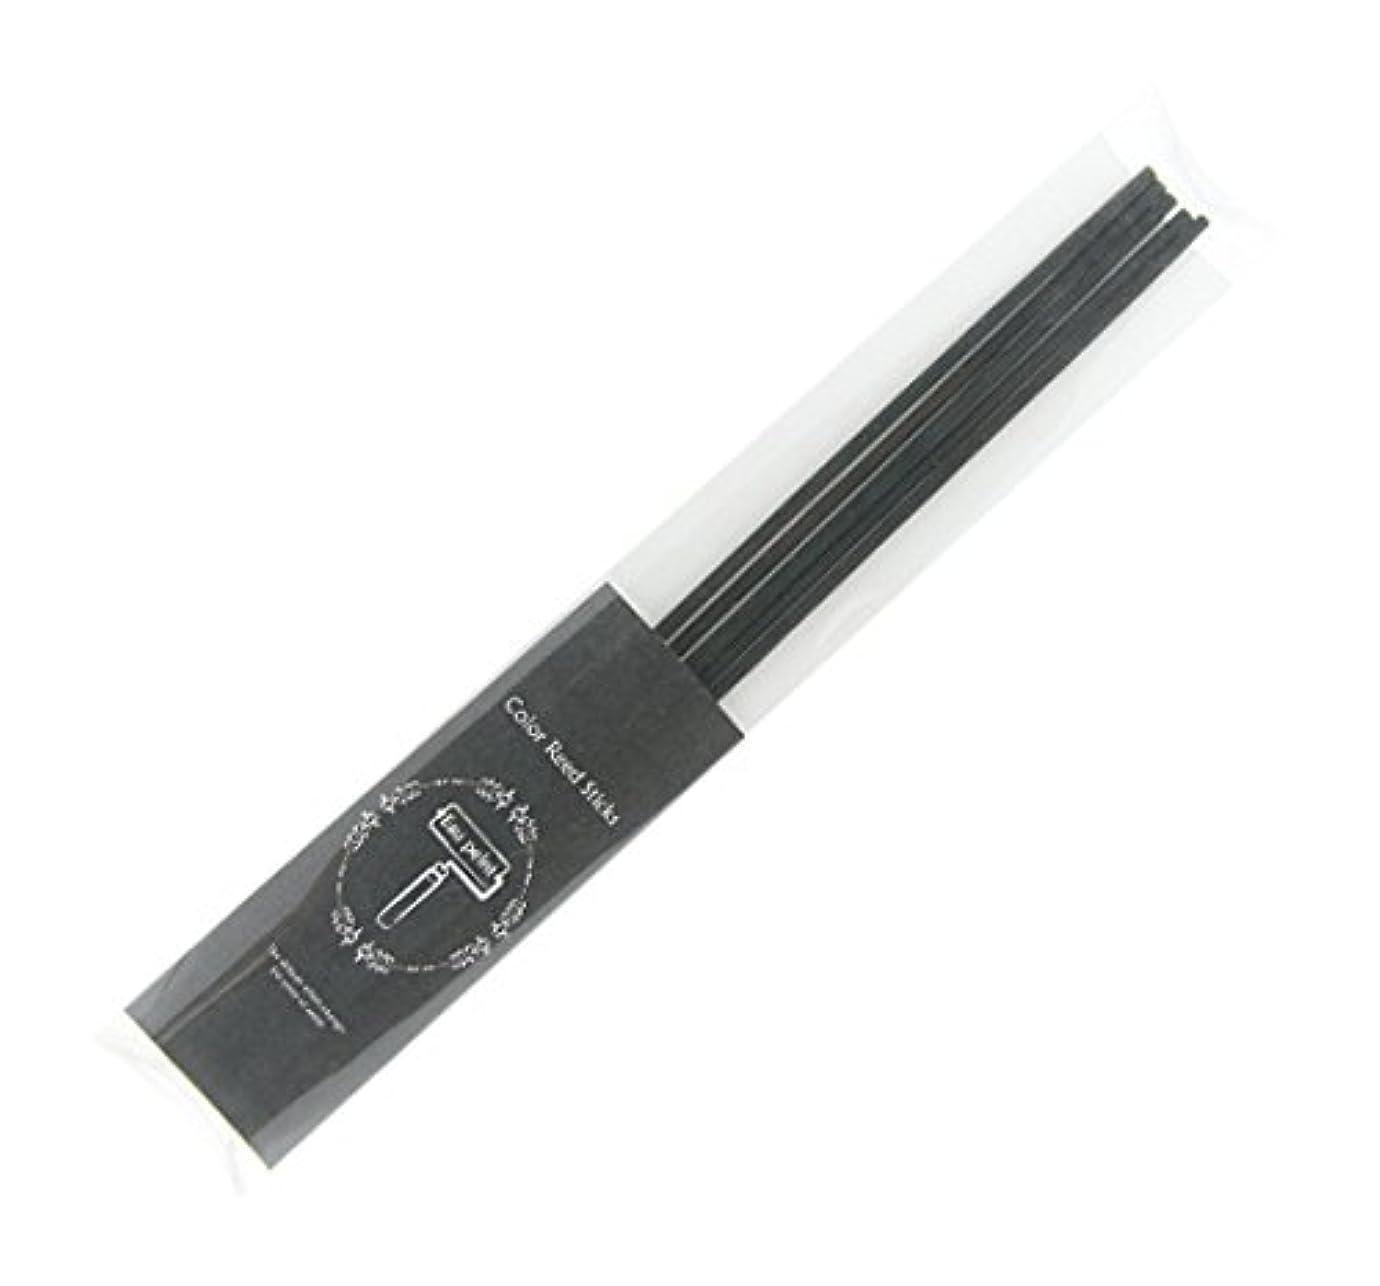 トレーダー早めるサイレントEau peint mais+ カラースティック リードディフューザー用スティック 5本入 ブラック Black オーペイント マイス